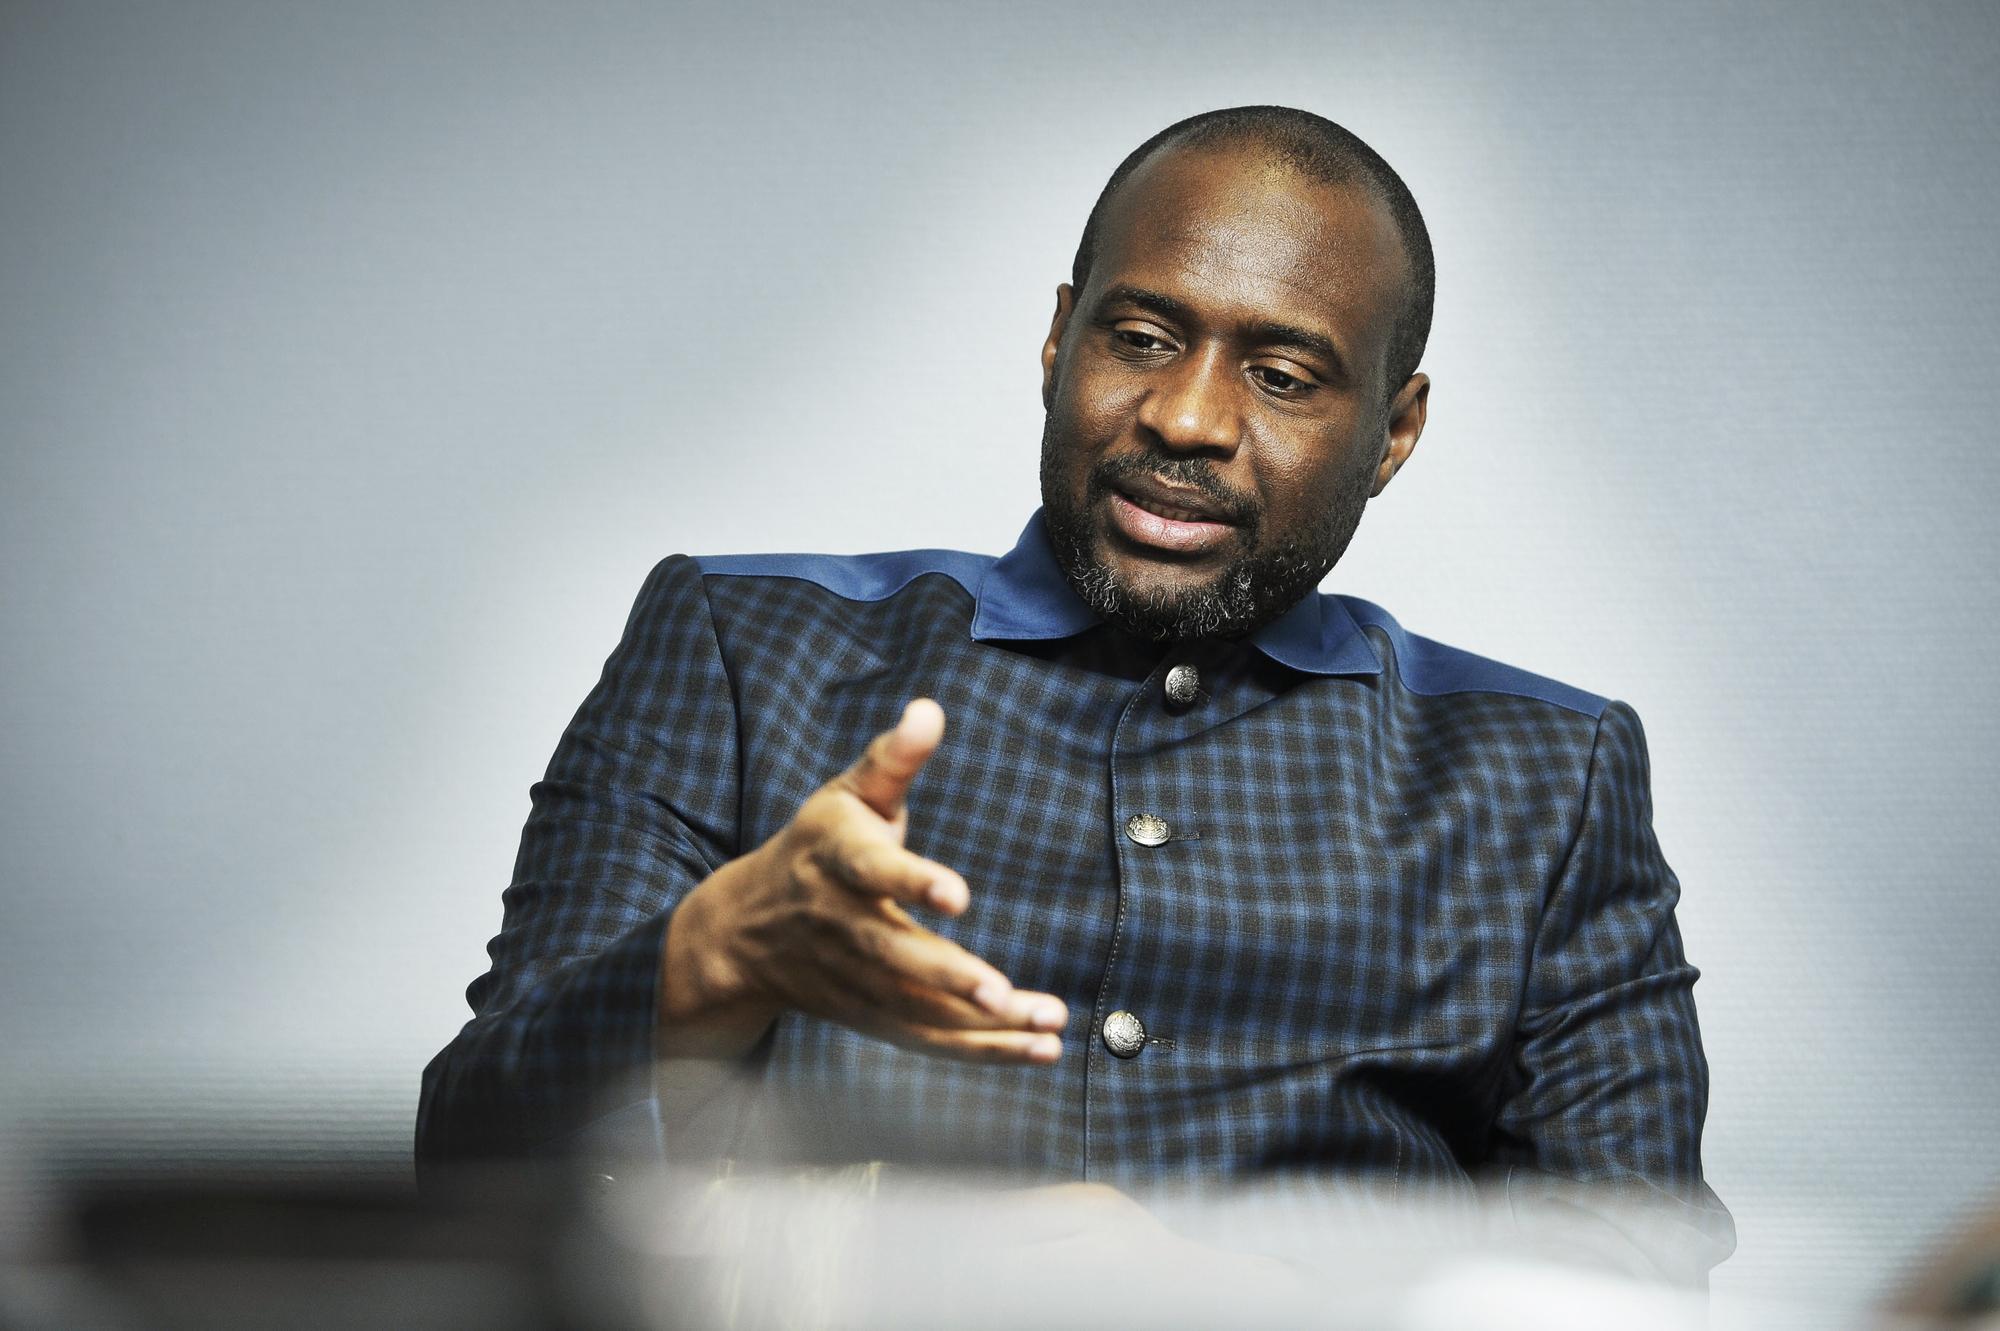 Moussa Mara, candidat à l'élection présidentielle au Mali prévue pour 2018